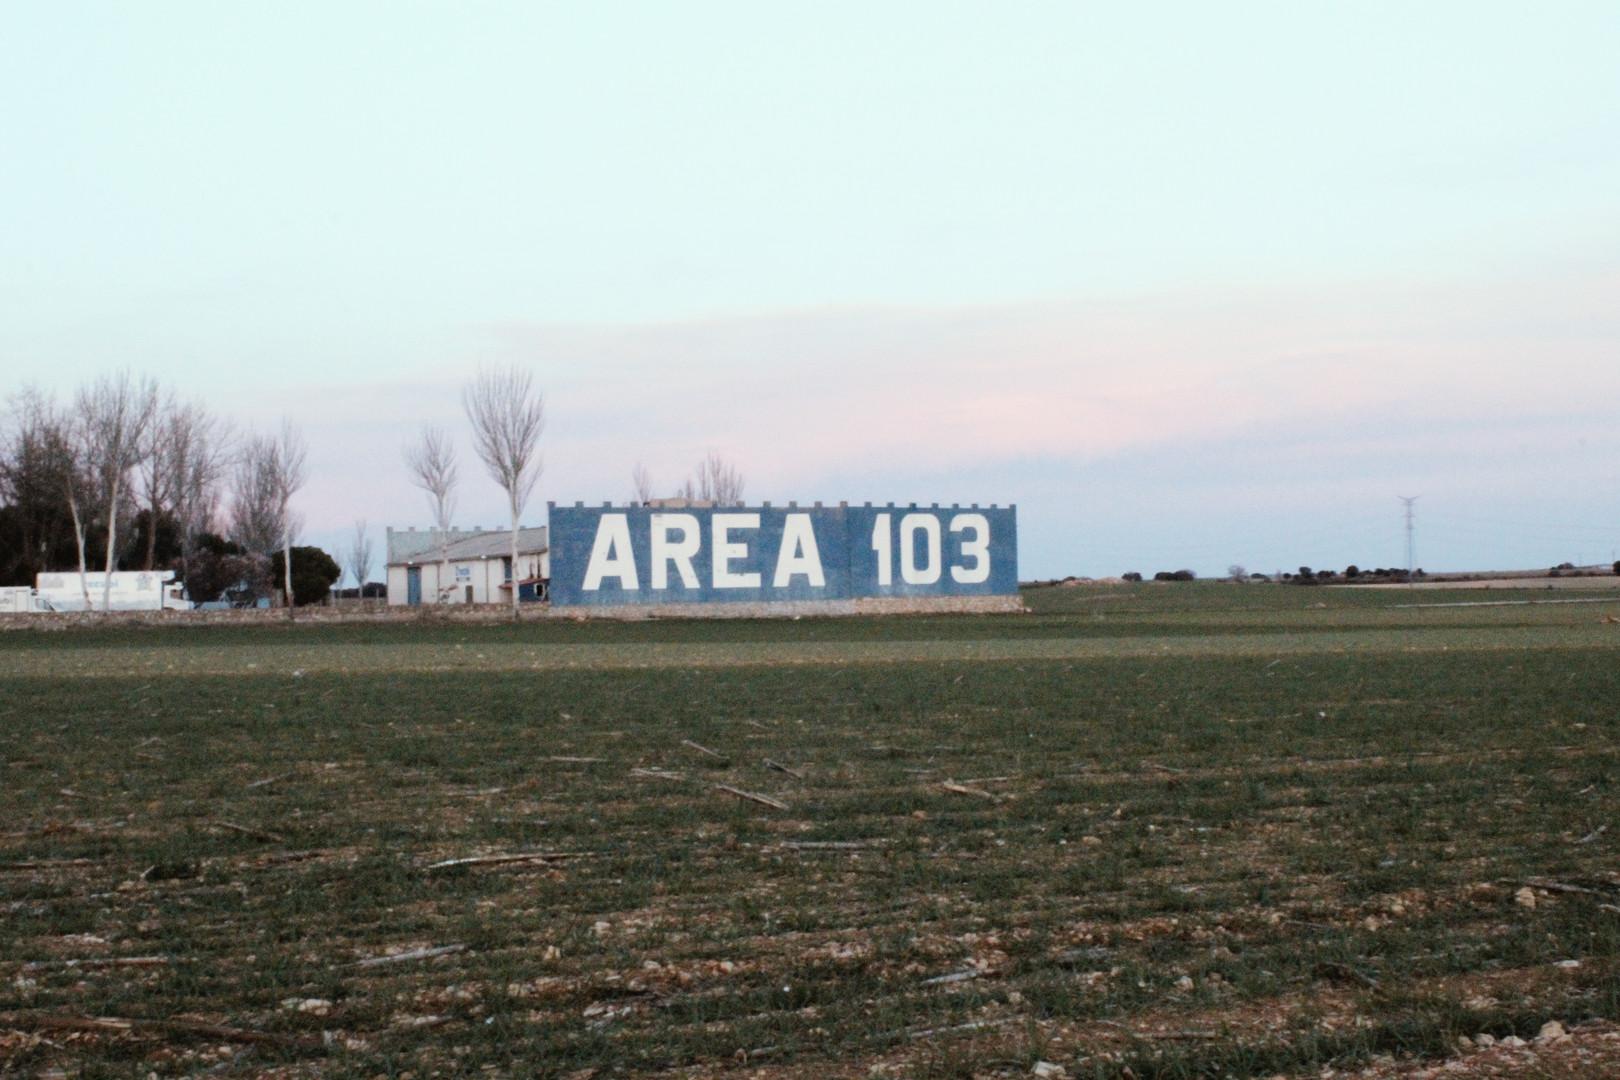 Area 103